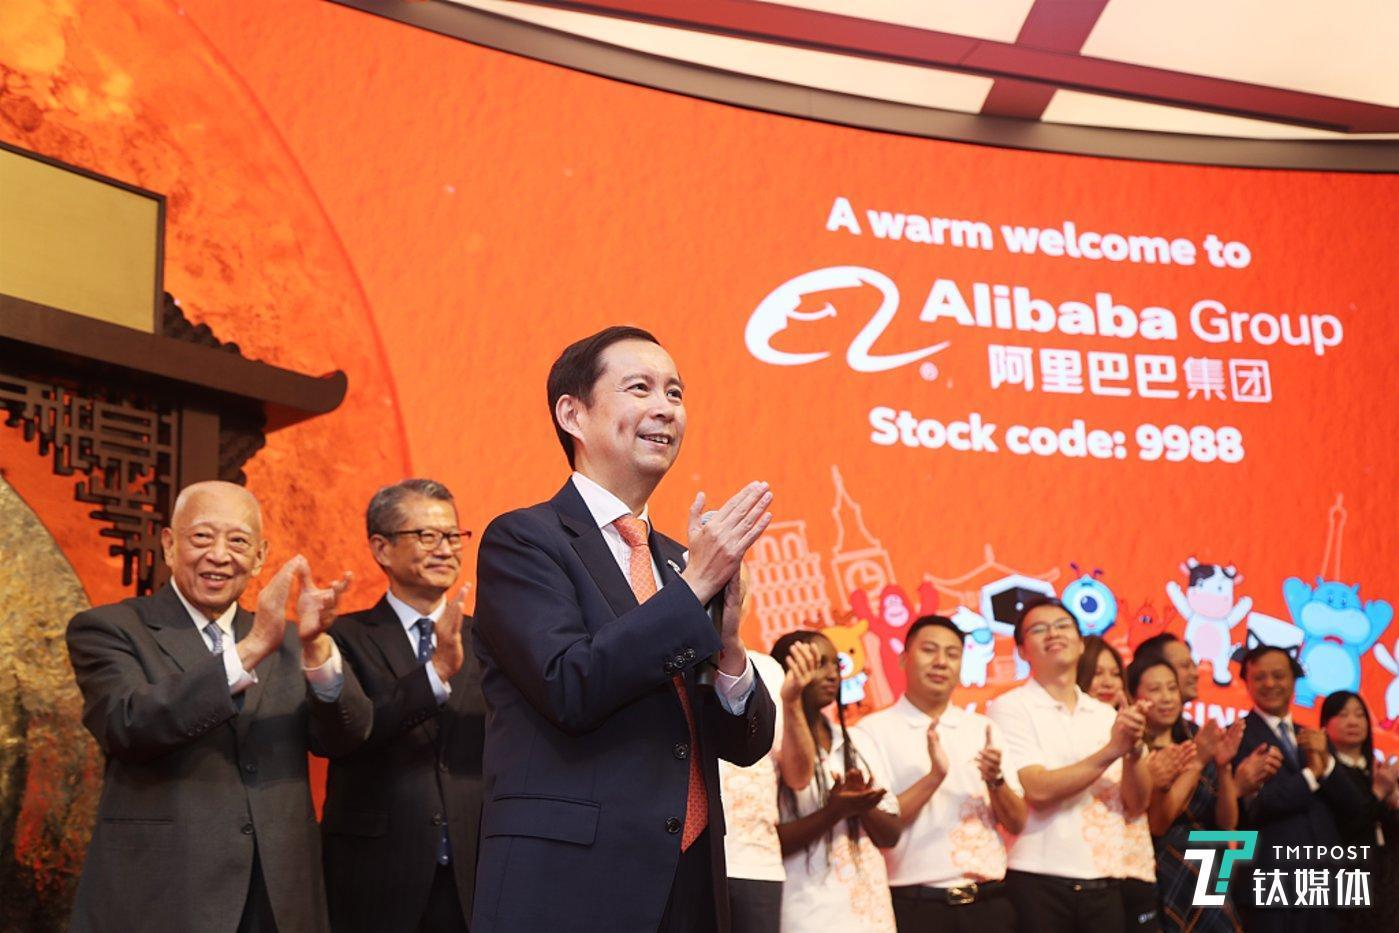 11月26日,阿里巴巴集团控股有限公司正式在香港交易所挂牌上市,成为首个同时在美股和港股两地上市的中国互联网公司。(图/视觉中国)